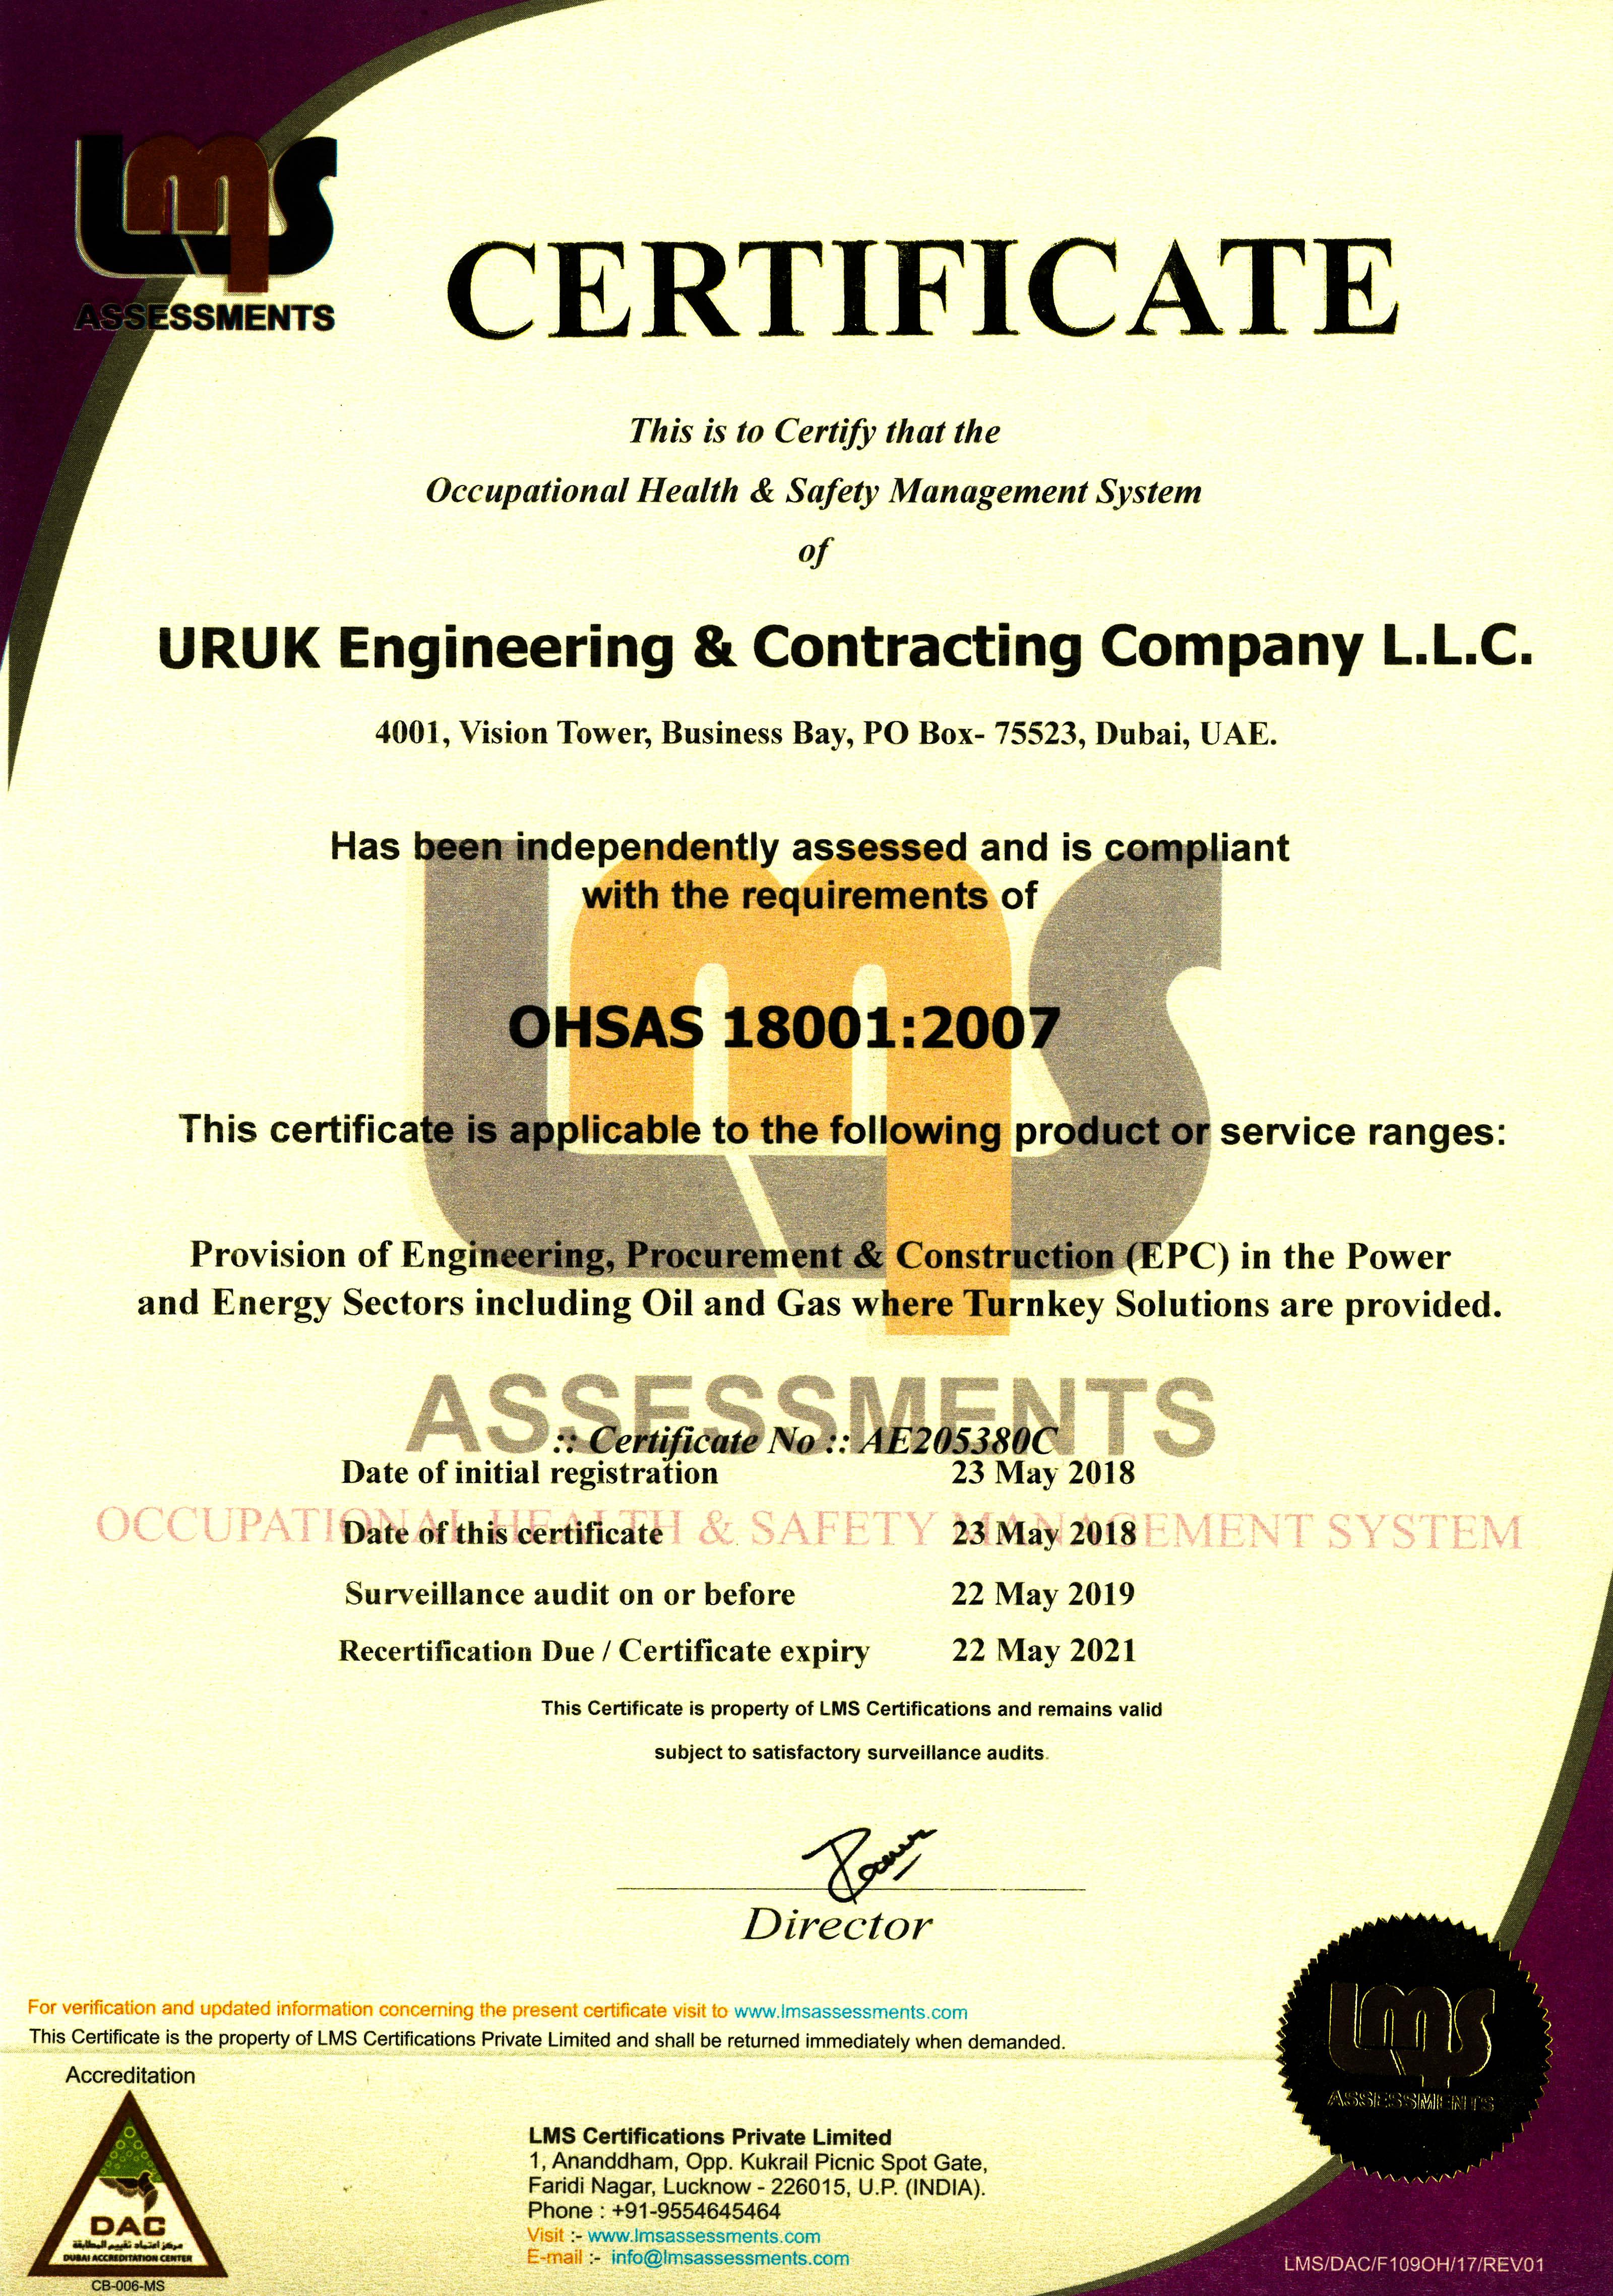 OHSAS 18008 2007